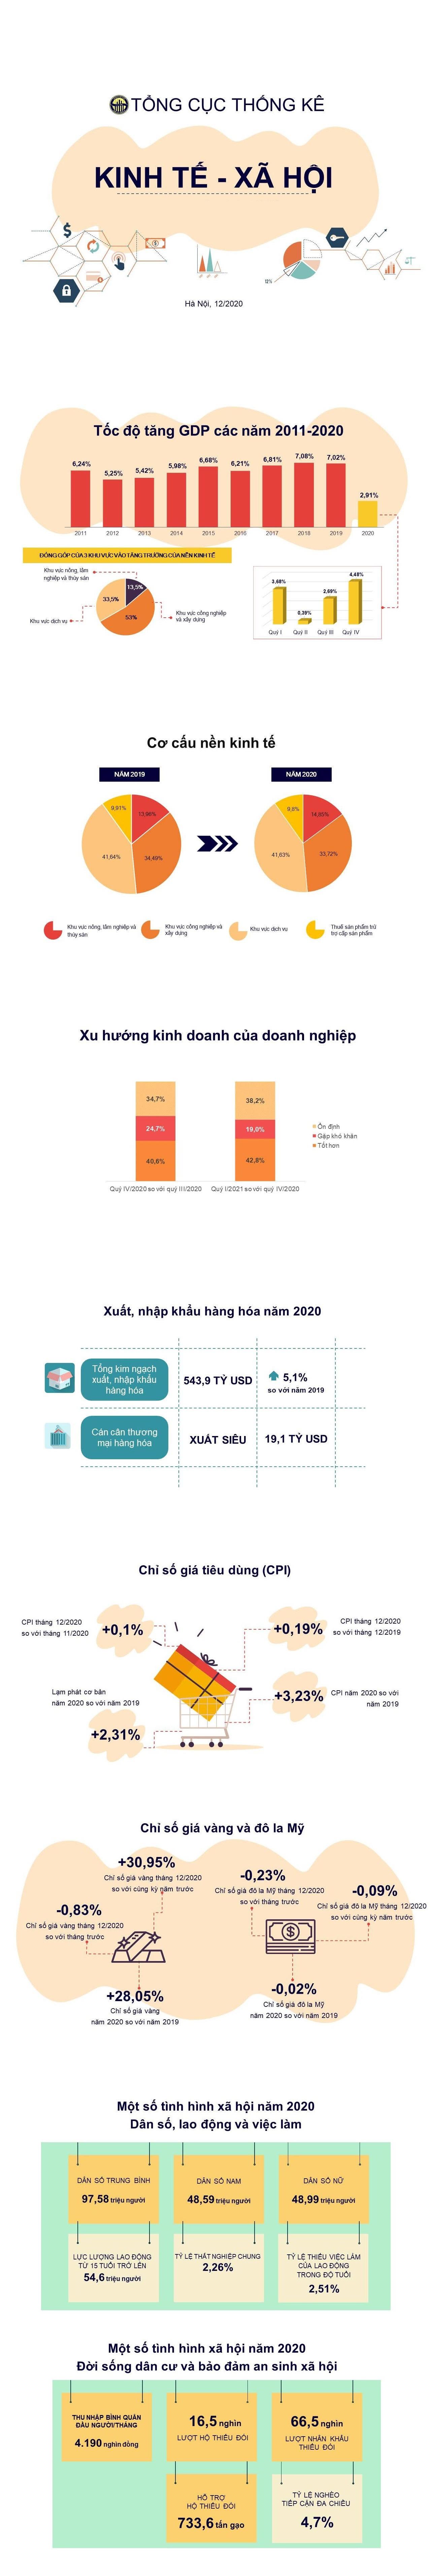 """Kinh tế Việt Nam 2020: Từ doanh nghiệp """"ăn đong từng tuần"""", đến điểm sáng giữa đại dịch COVID-19 - Ảnh 12."""